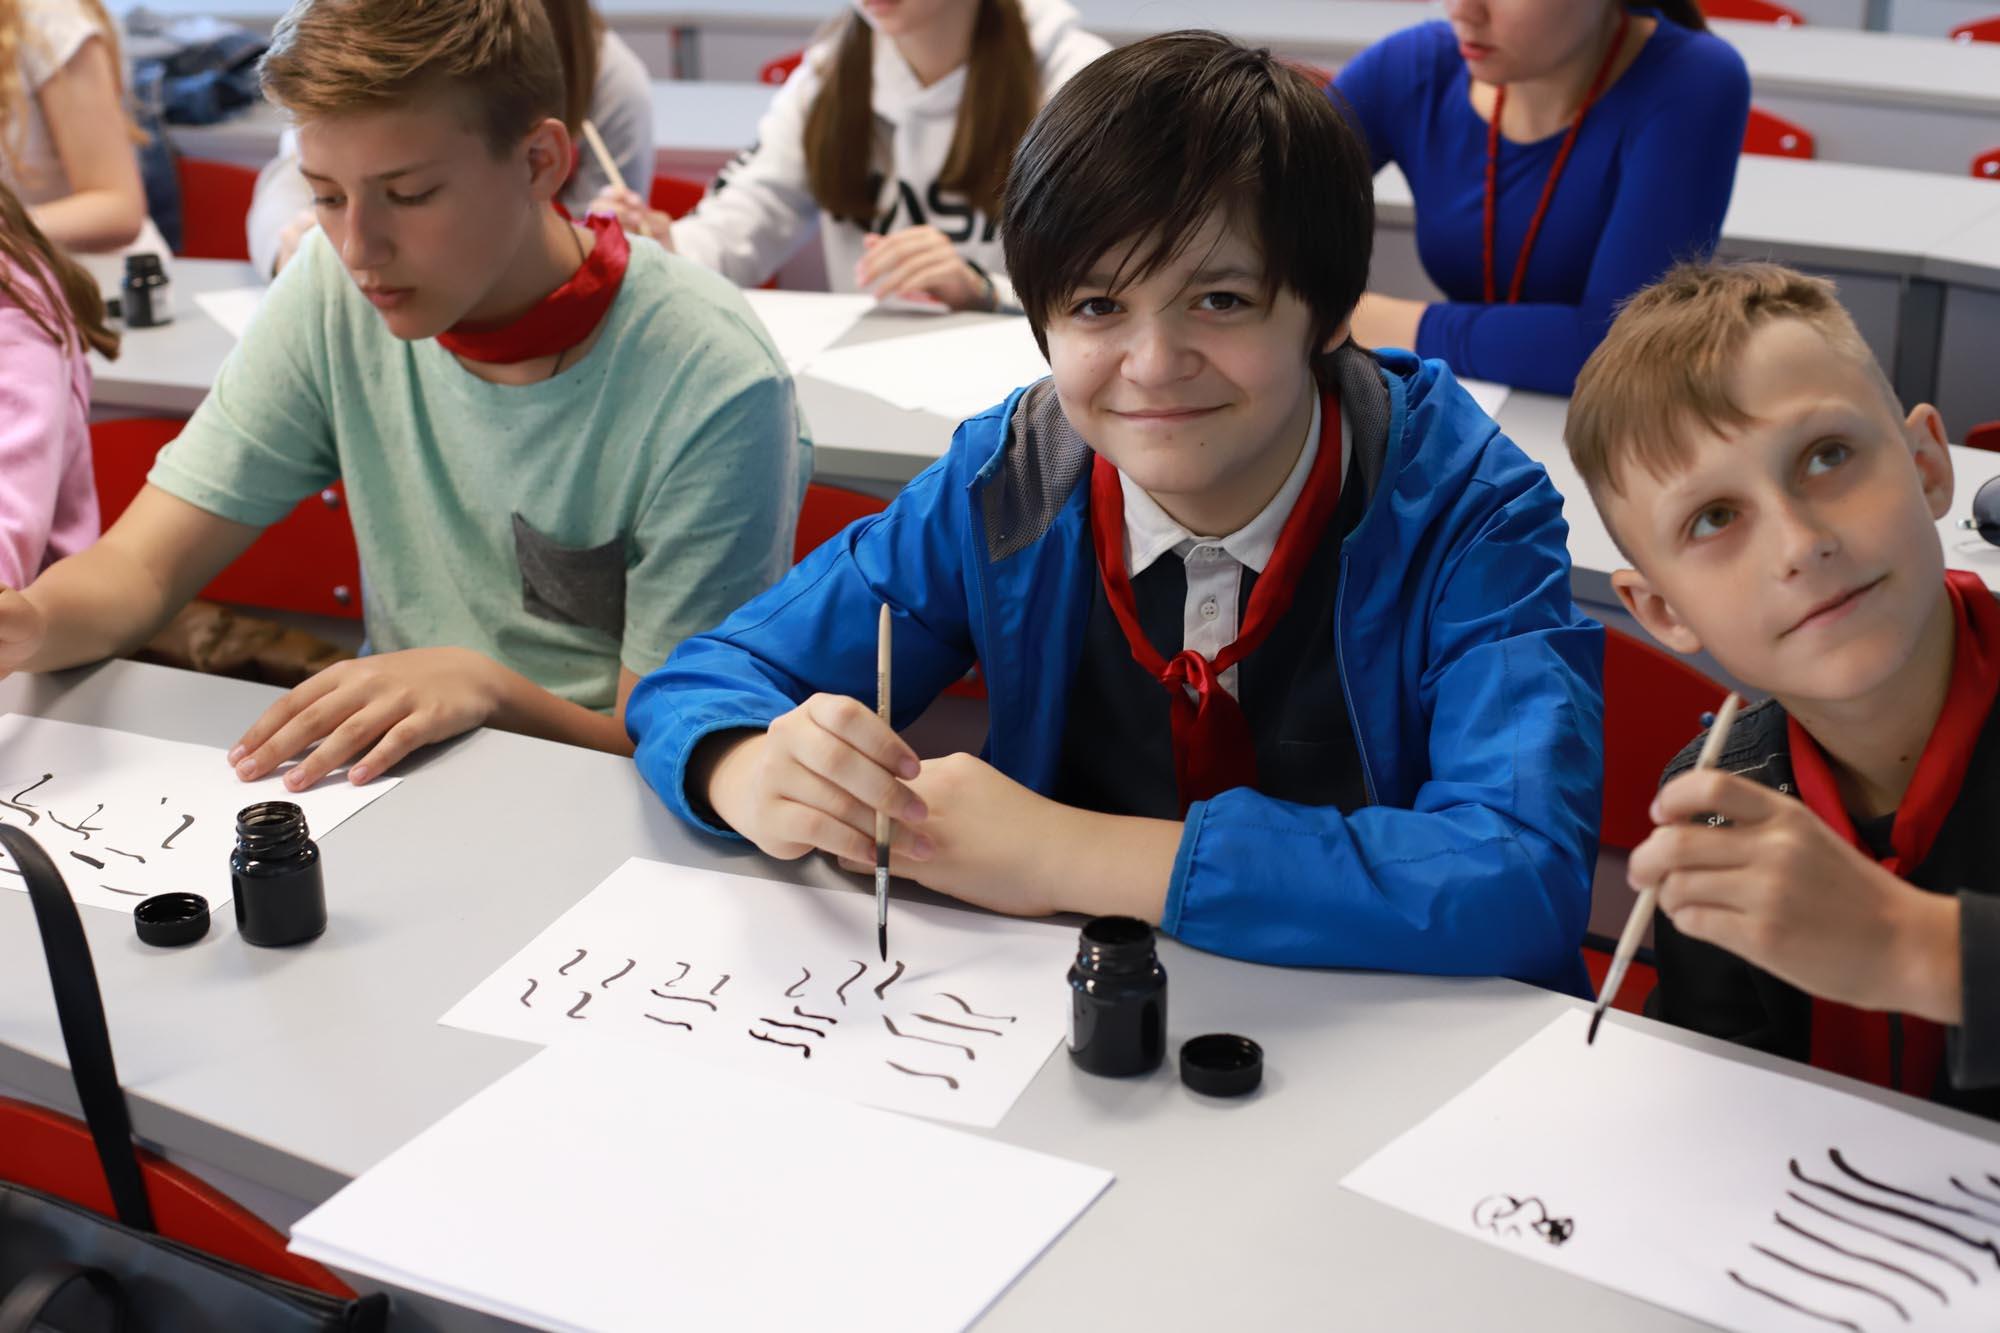 Мастер-класс по каллиграфии от китайских преподавателей прошел в Мининском университете